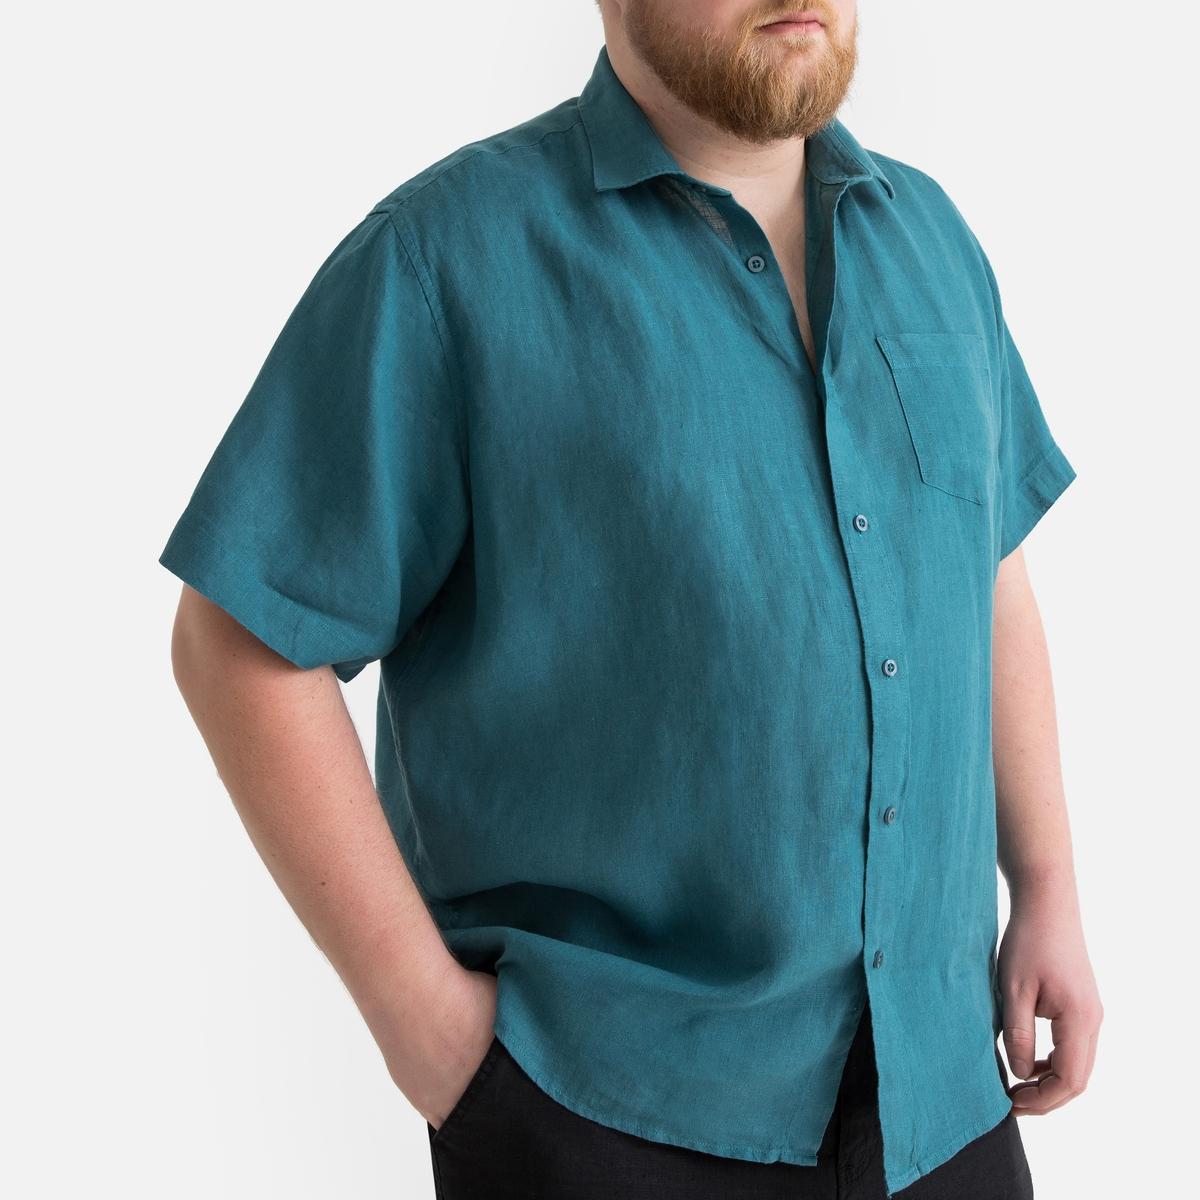 Camisa lisa e direita, mangas curtas, 100% linho